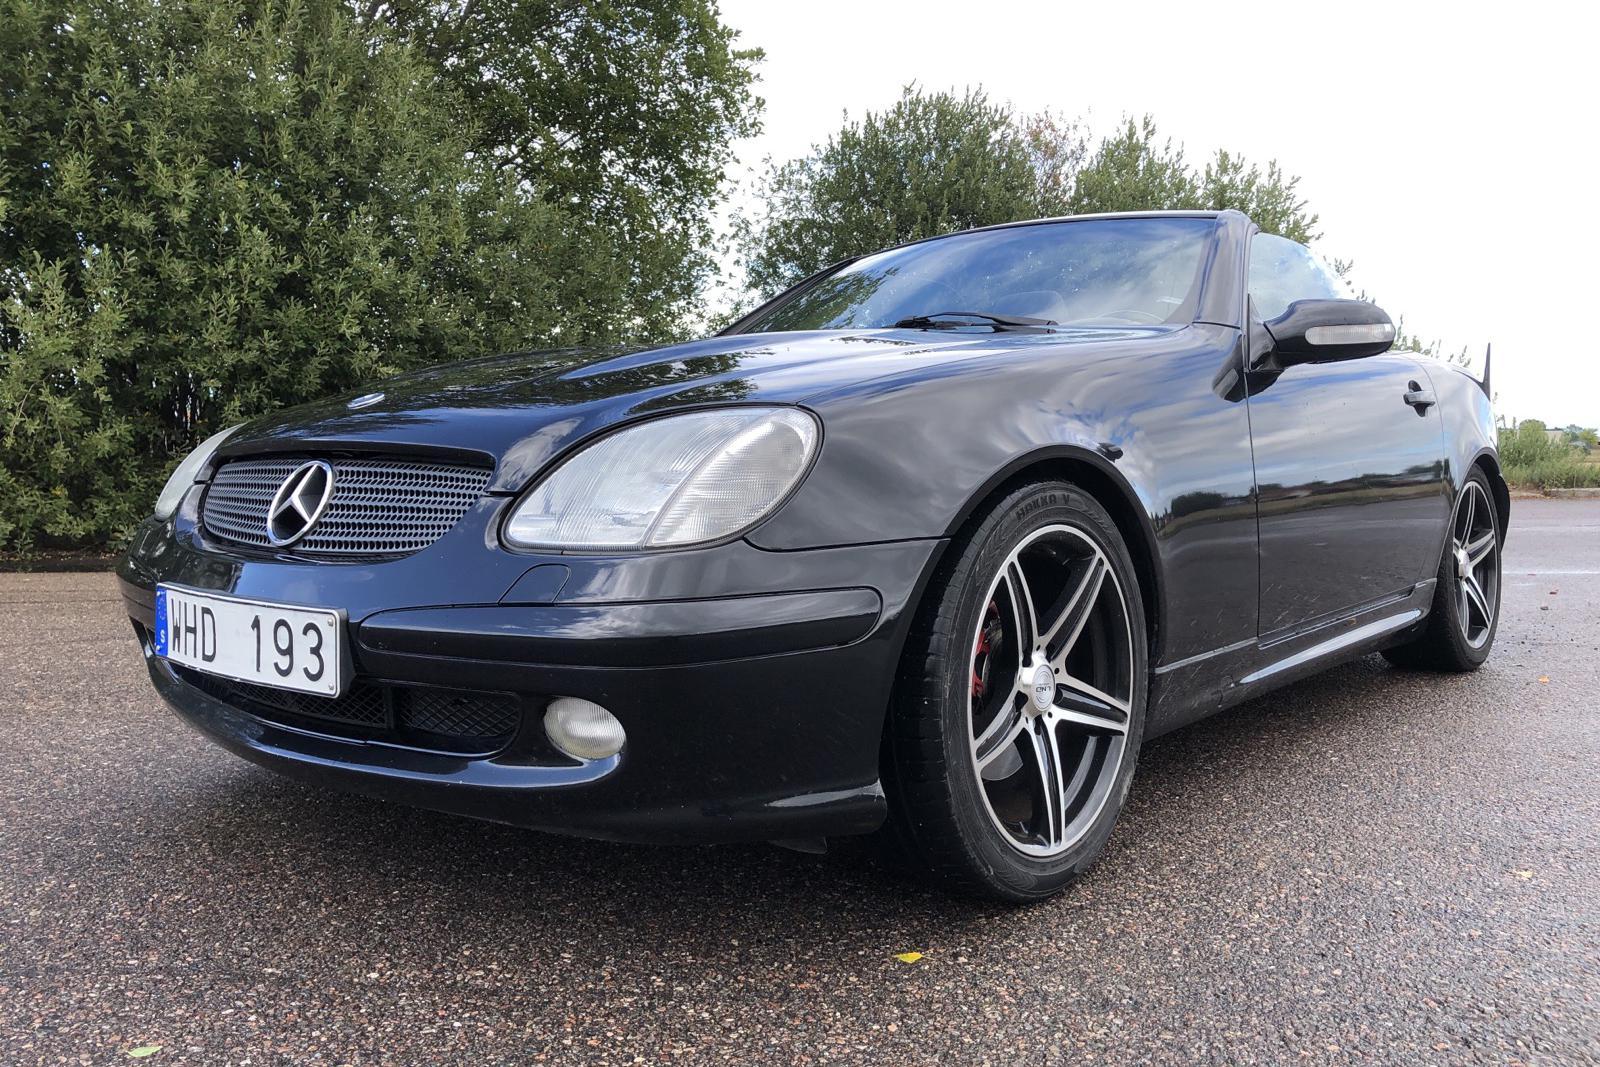 Mercedes SLK 230 Kompressor R170 (197hk) - 157 370 km - Manual - black - 2002